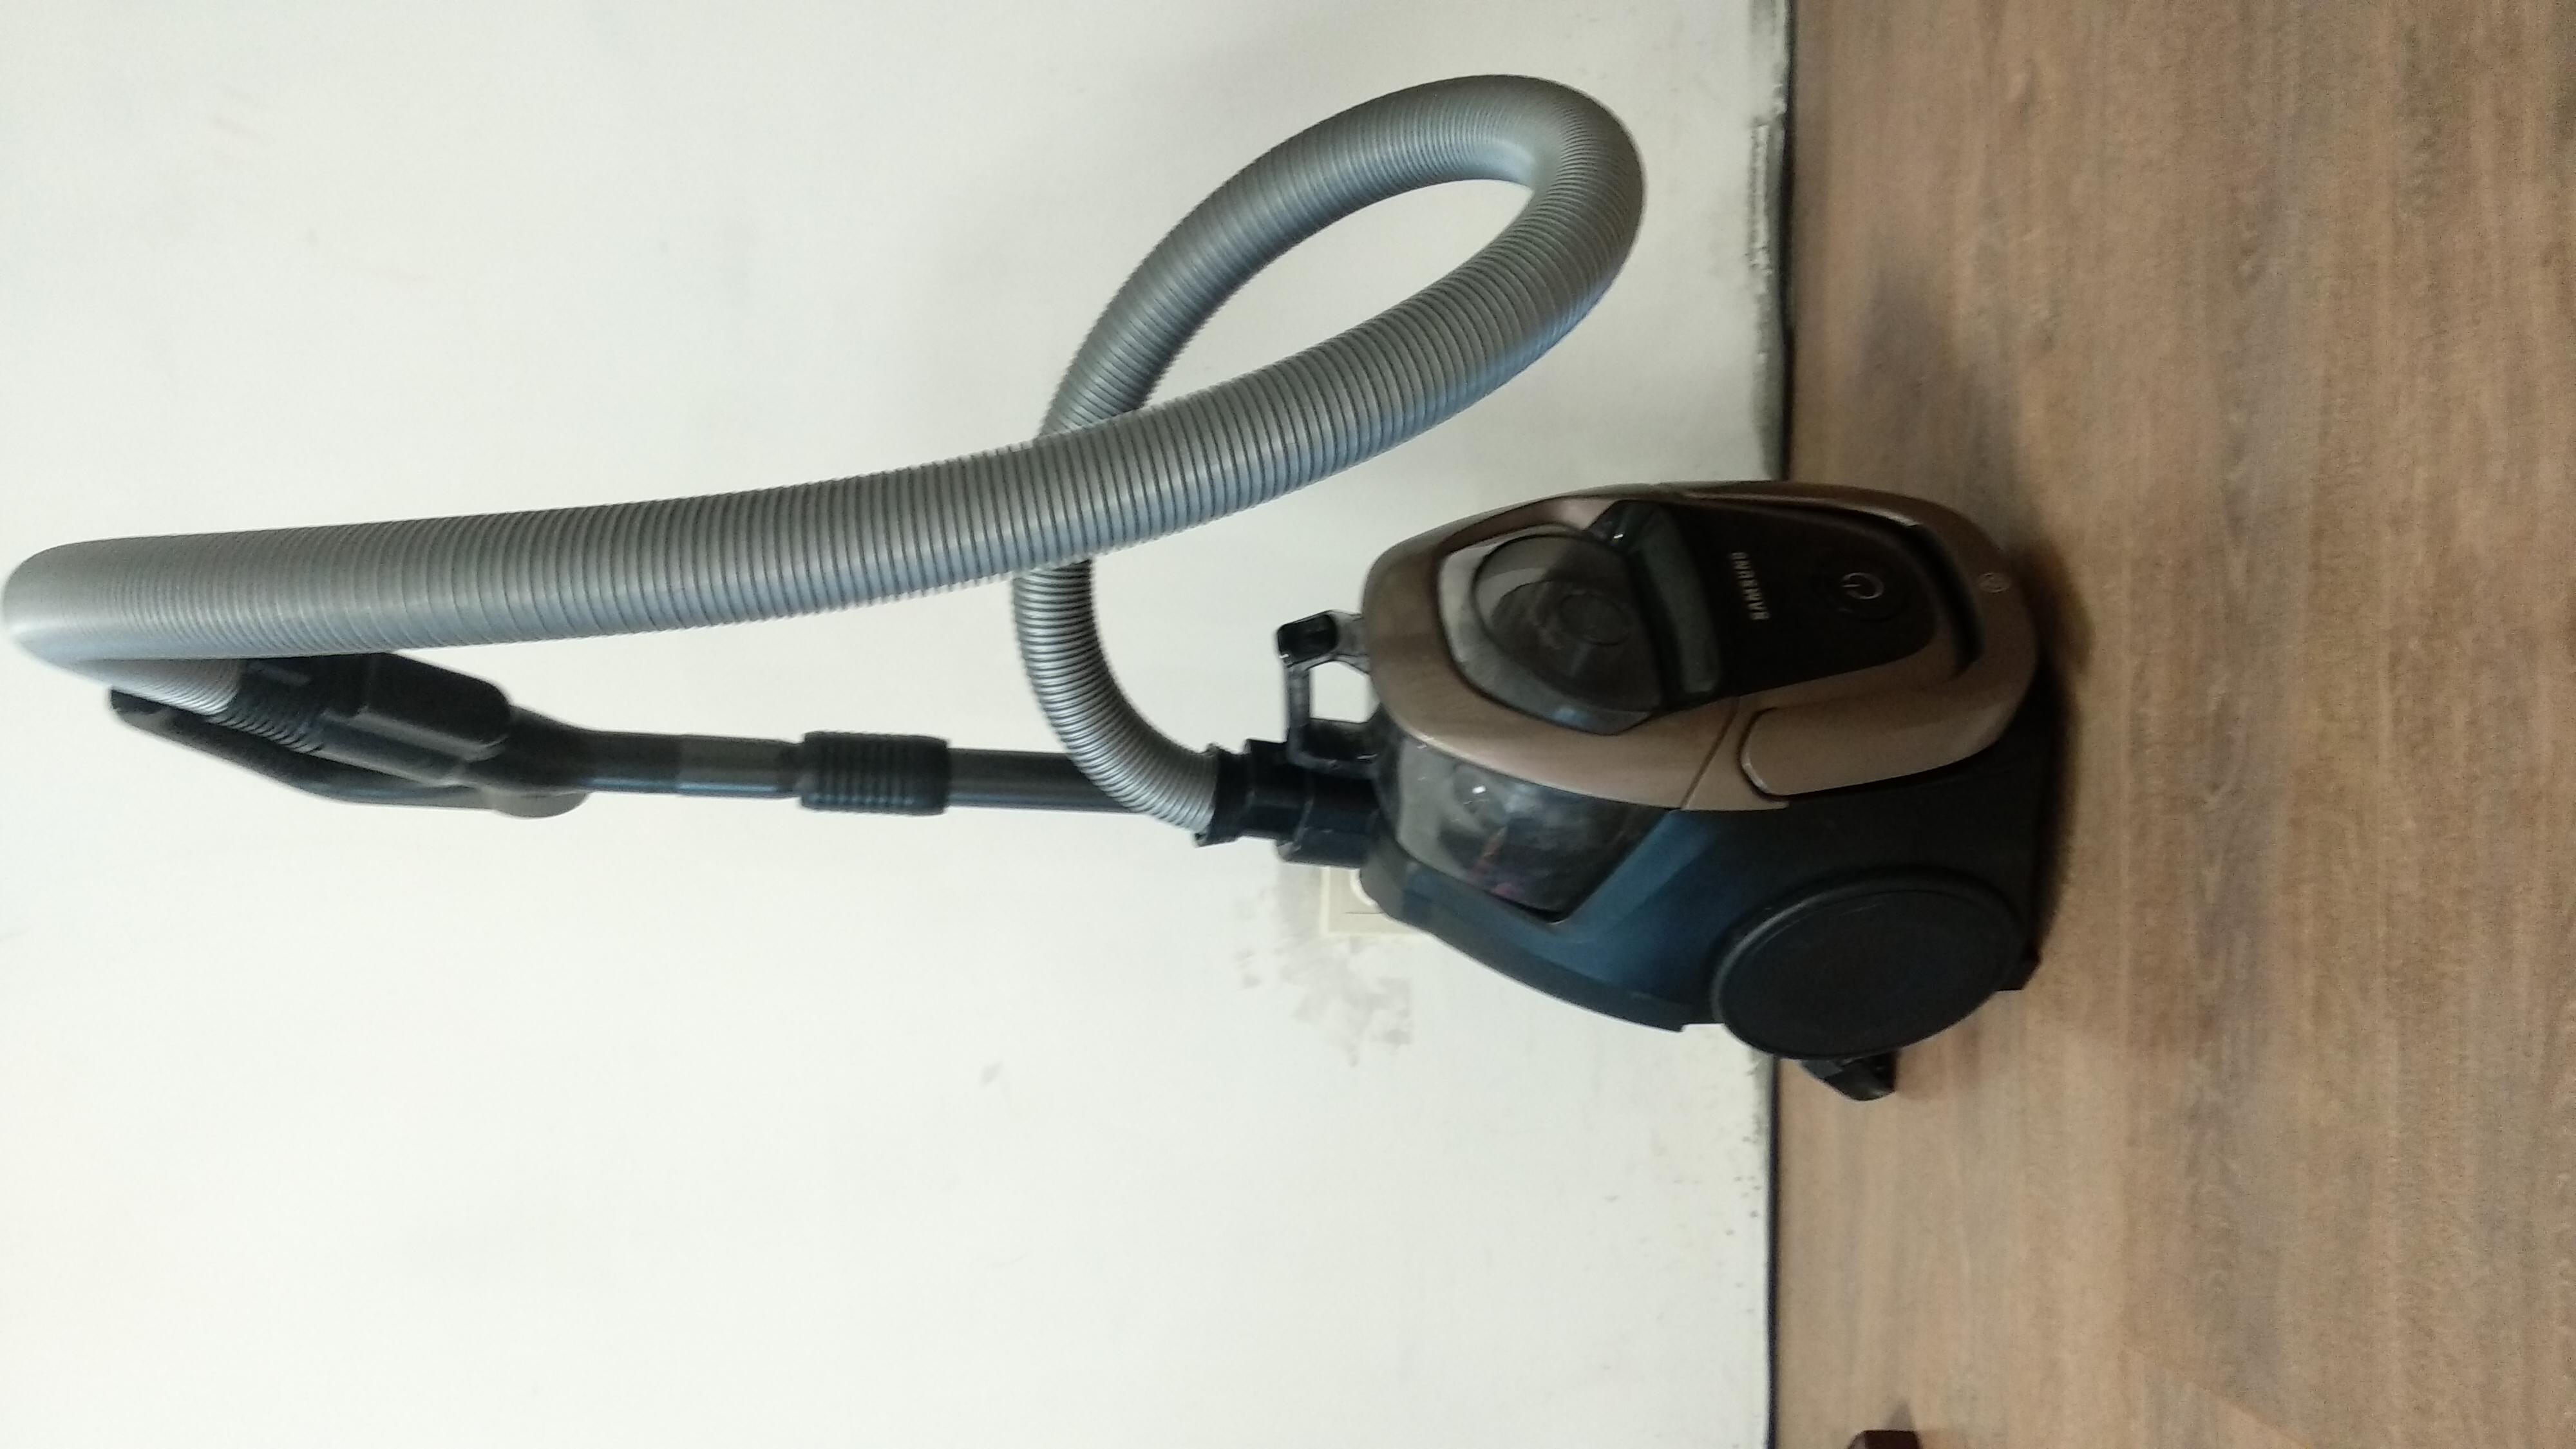 Обзор пылесоса SAMSUNG VC3100 Pet Care